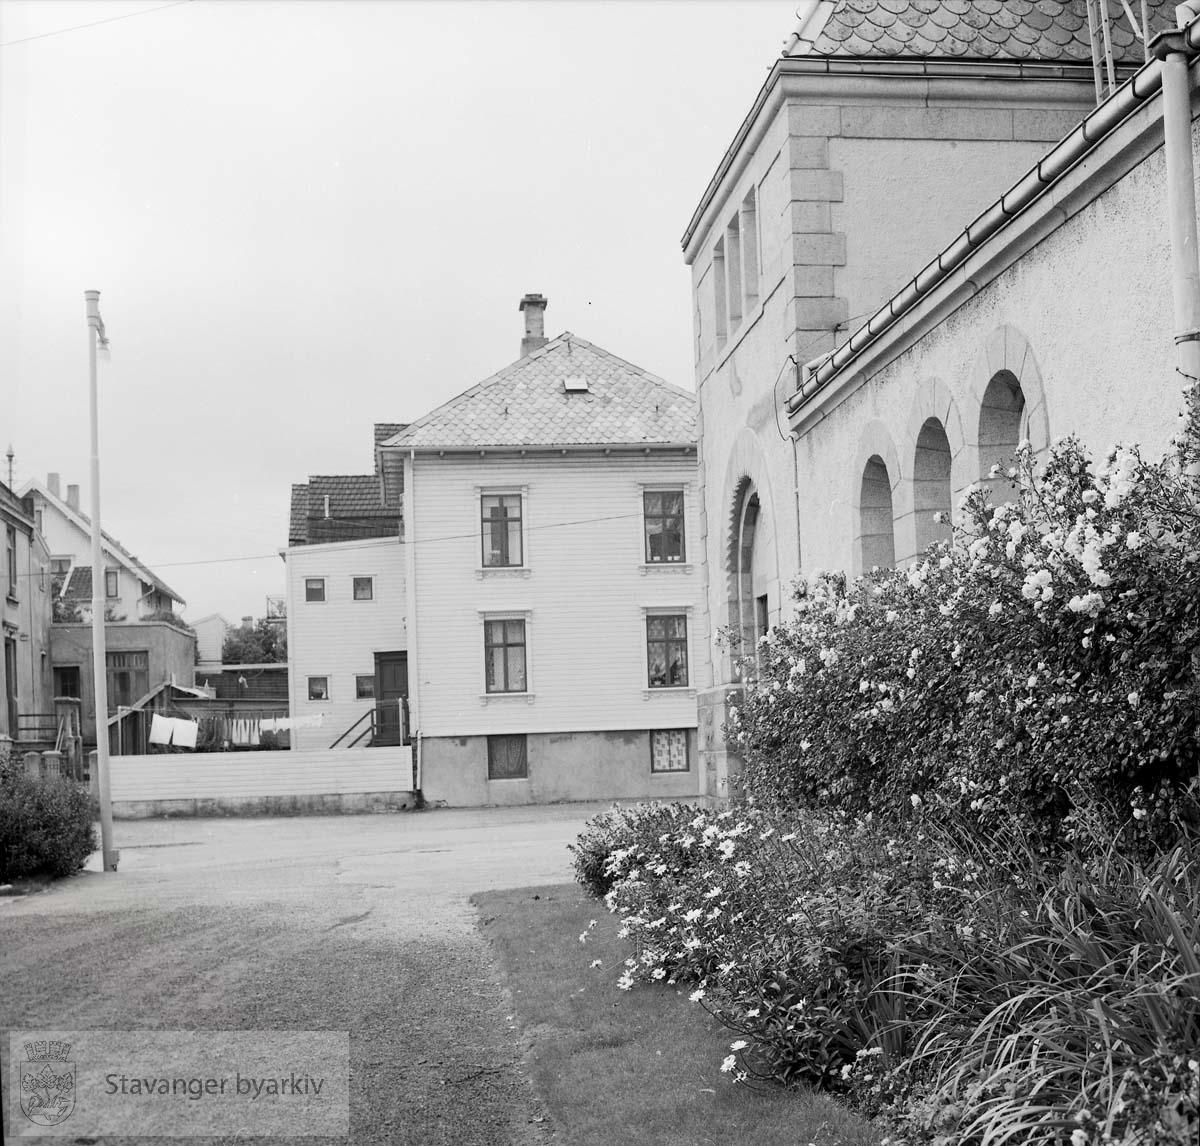 Parti av Johanneskirken ved Høgsfjordgata. I bakgrunnen Høgsfjordgata 9a (murhuset til venstre), Sandsgata 79 i midten og litt av Sandsgata 77 bak den igjen.